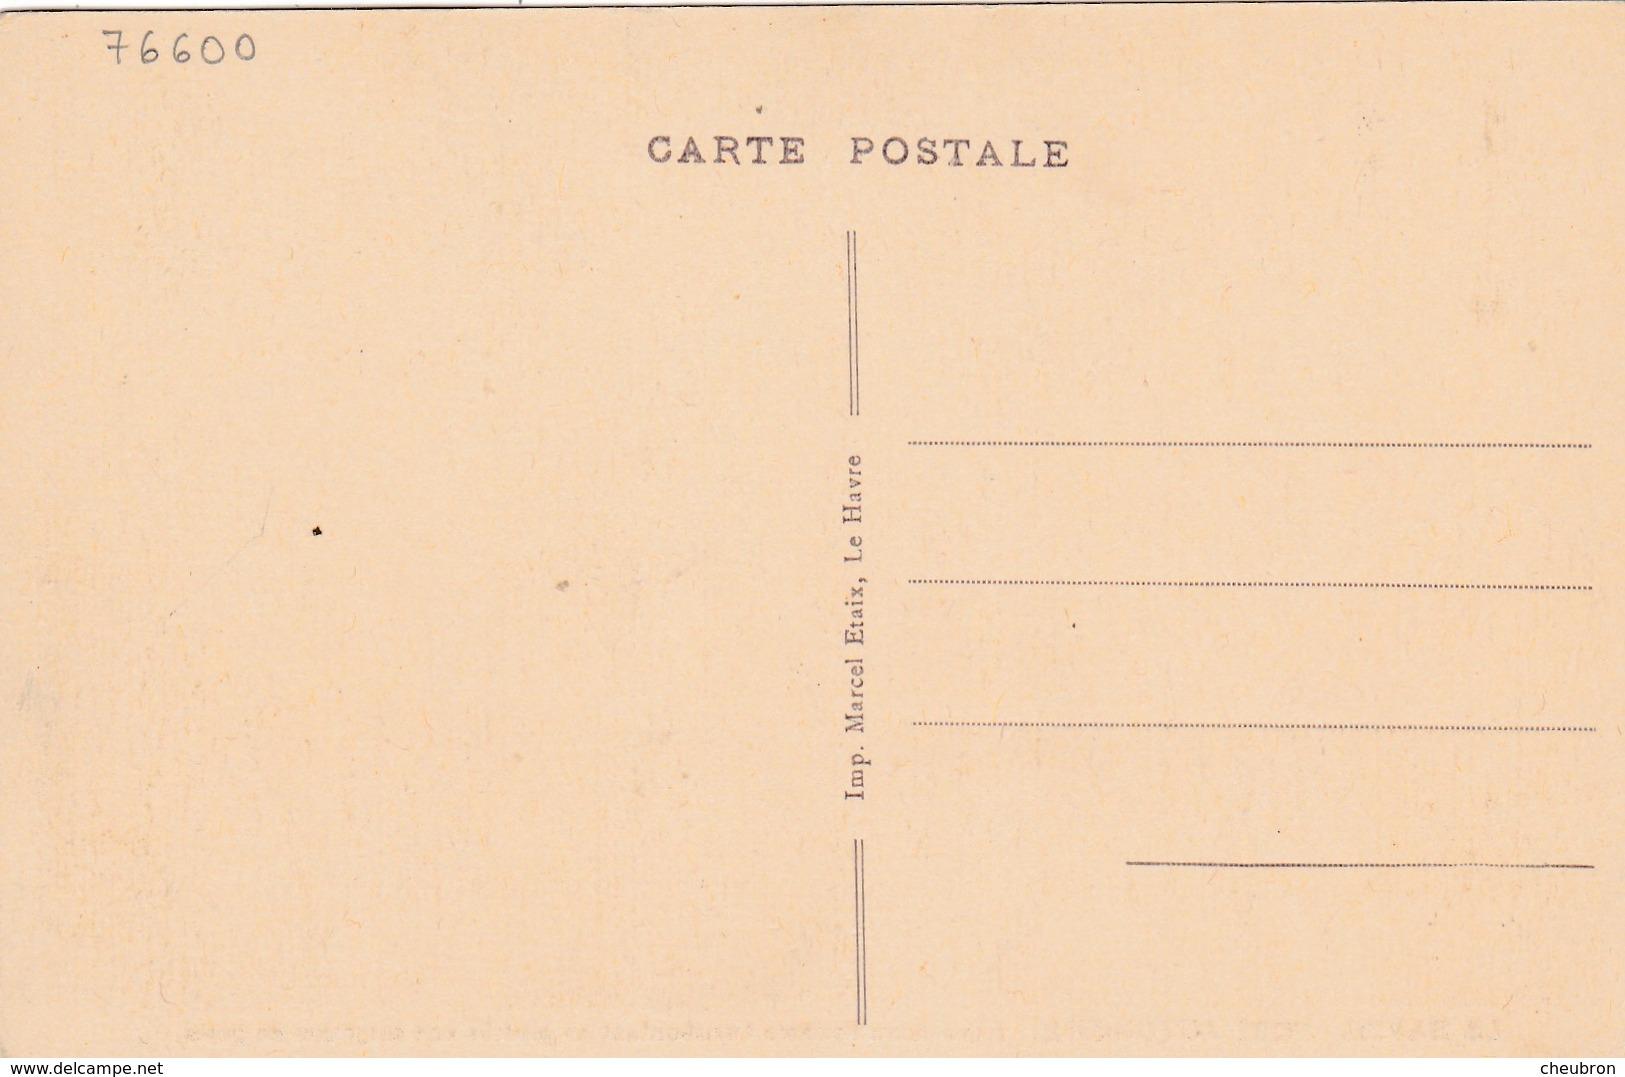 76. LE HAVRE. CPA SEPIA. PORT AUTONOME. ASPIRATEURS FLOTTANTS TRANSBORDANT EN PENICHE UNE CARGAISON DE GRAIN.ANNÉE 30 - Le Havre